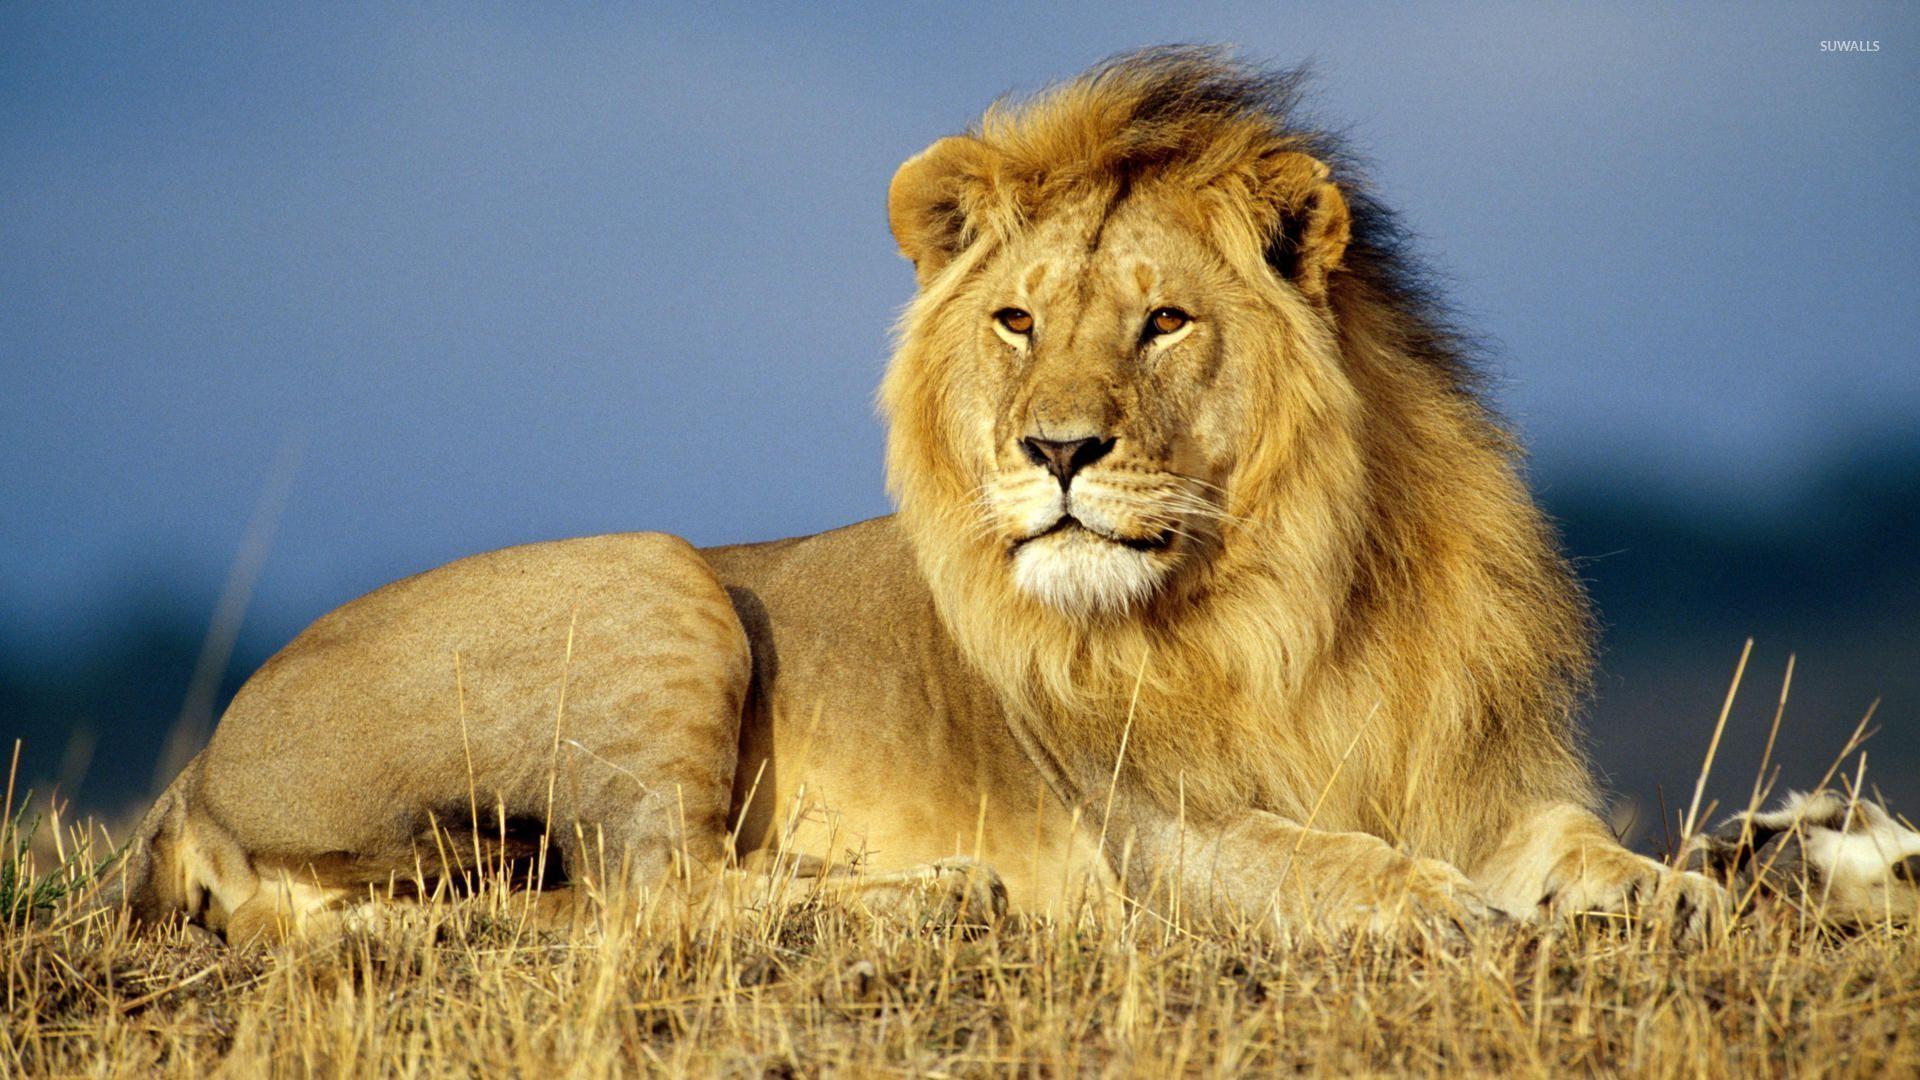 African Lion wallpaper